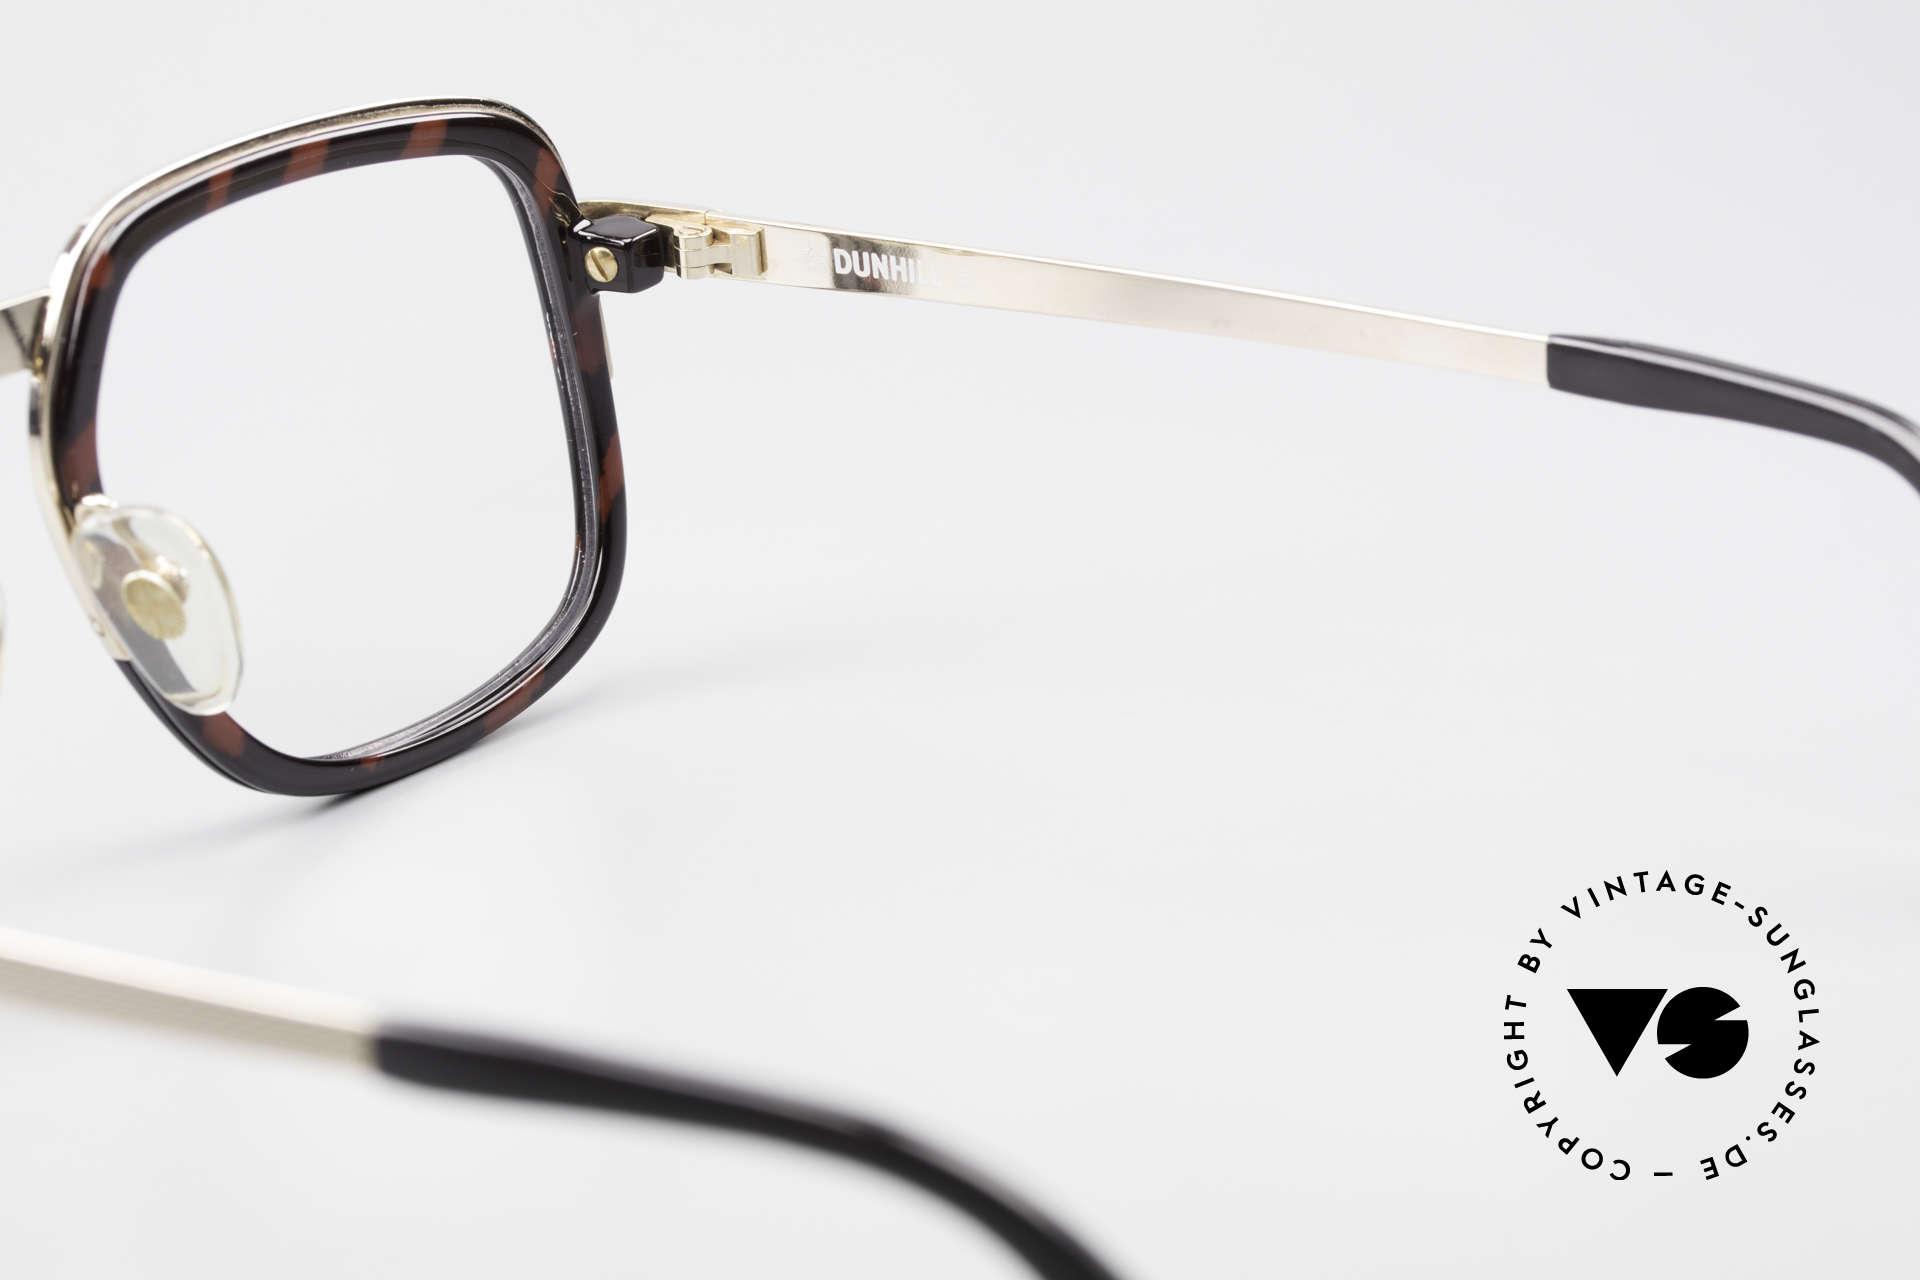 Dunhill 6073 Vergoldete 80er Herrenbrille, KEINE RETROBRILLE, sondern ein altes 80er Original, Passend für Herren